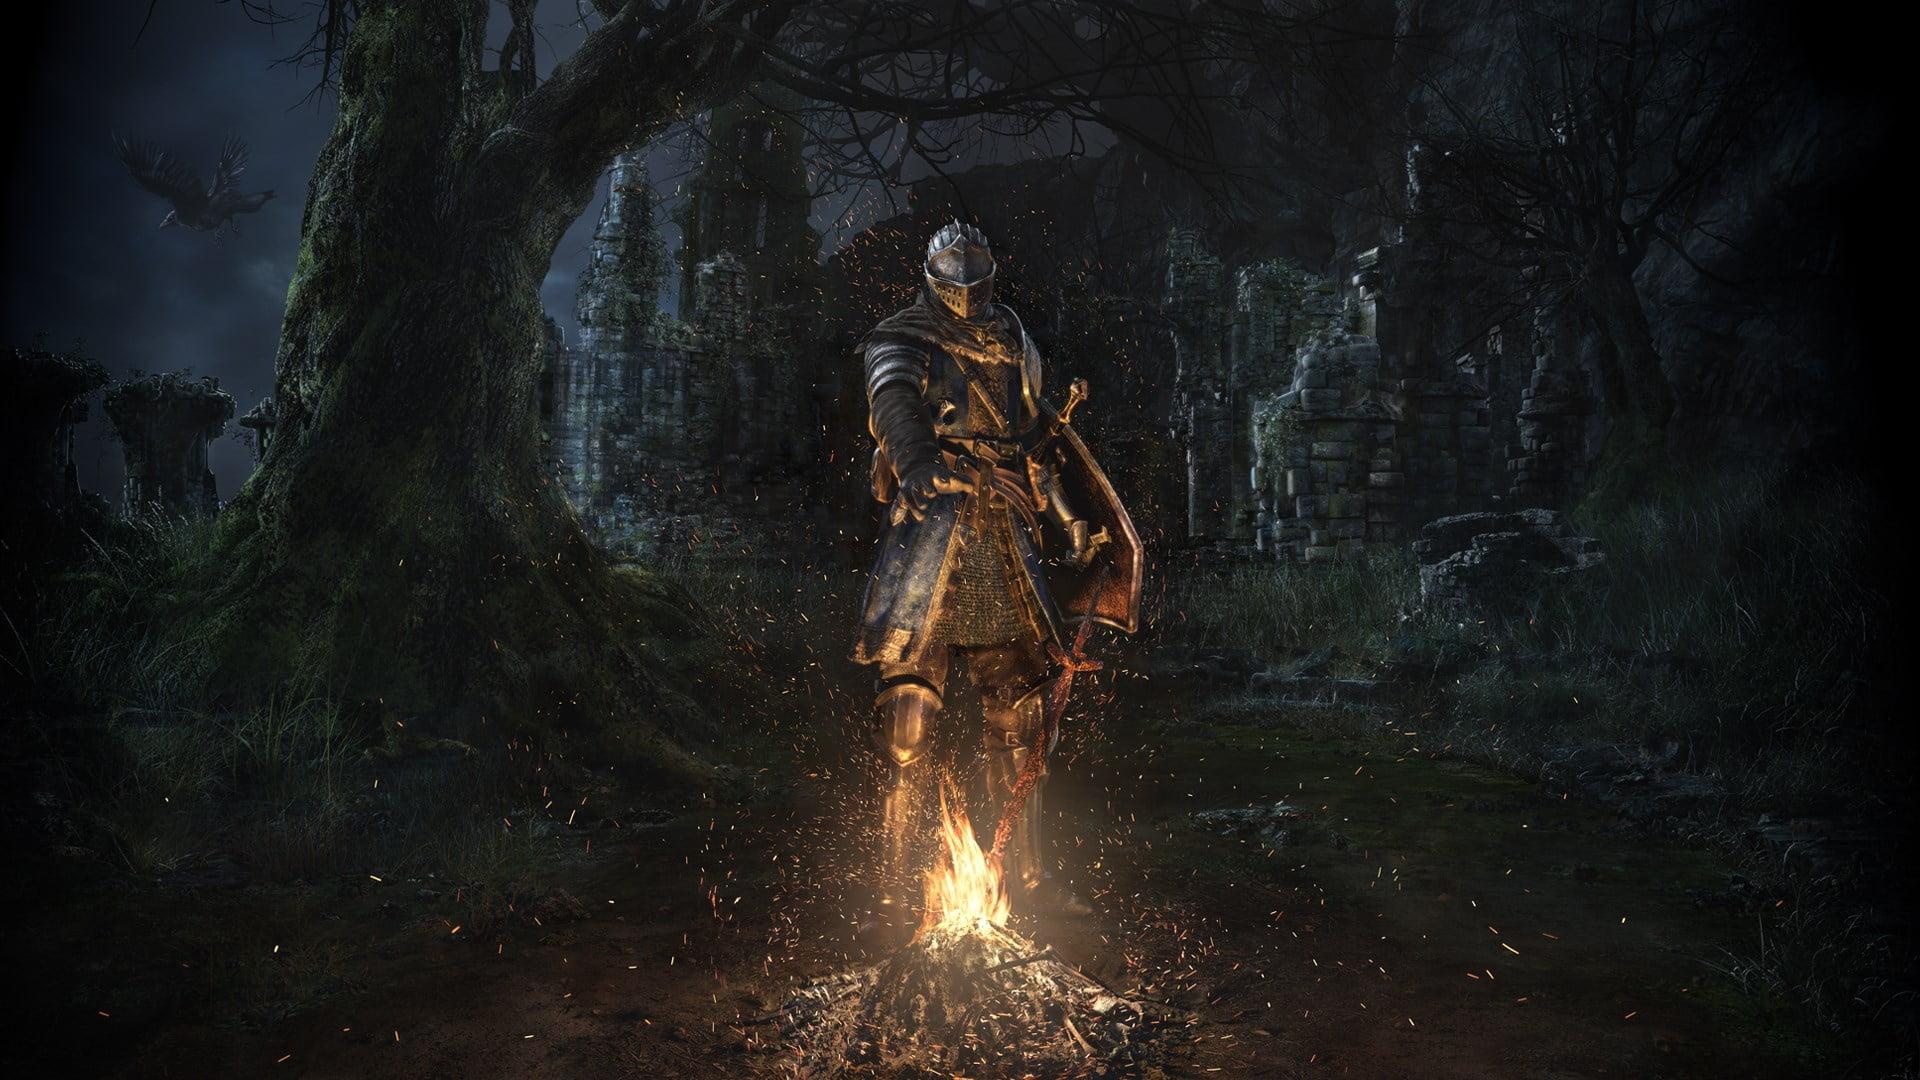 موشکافی داستان بازی Dark Souls؛ سرزمین درههای خاکستری